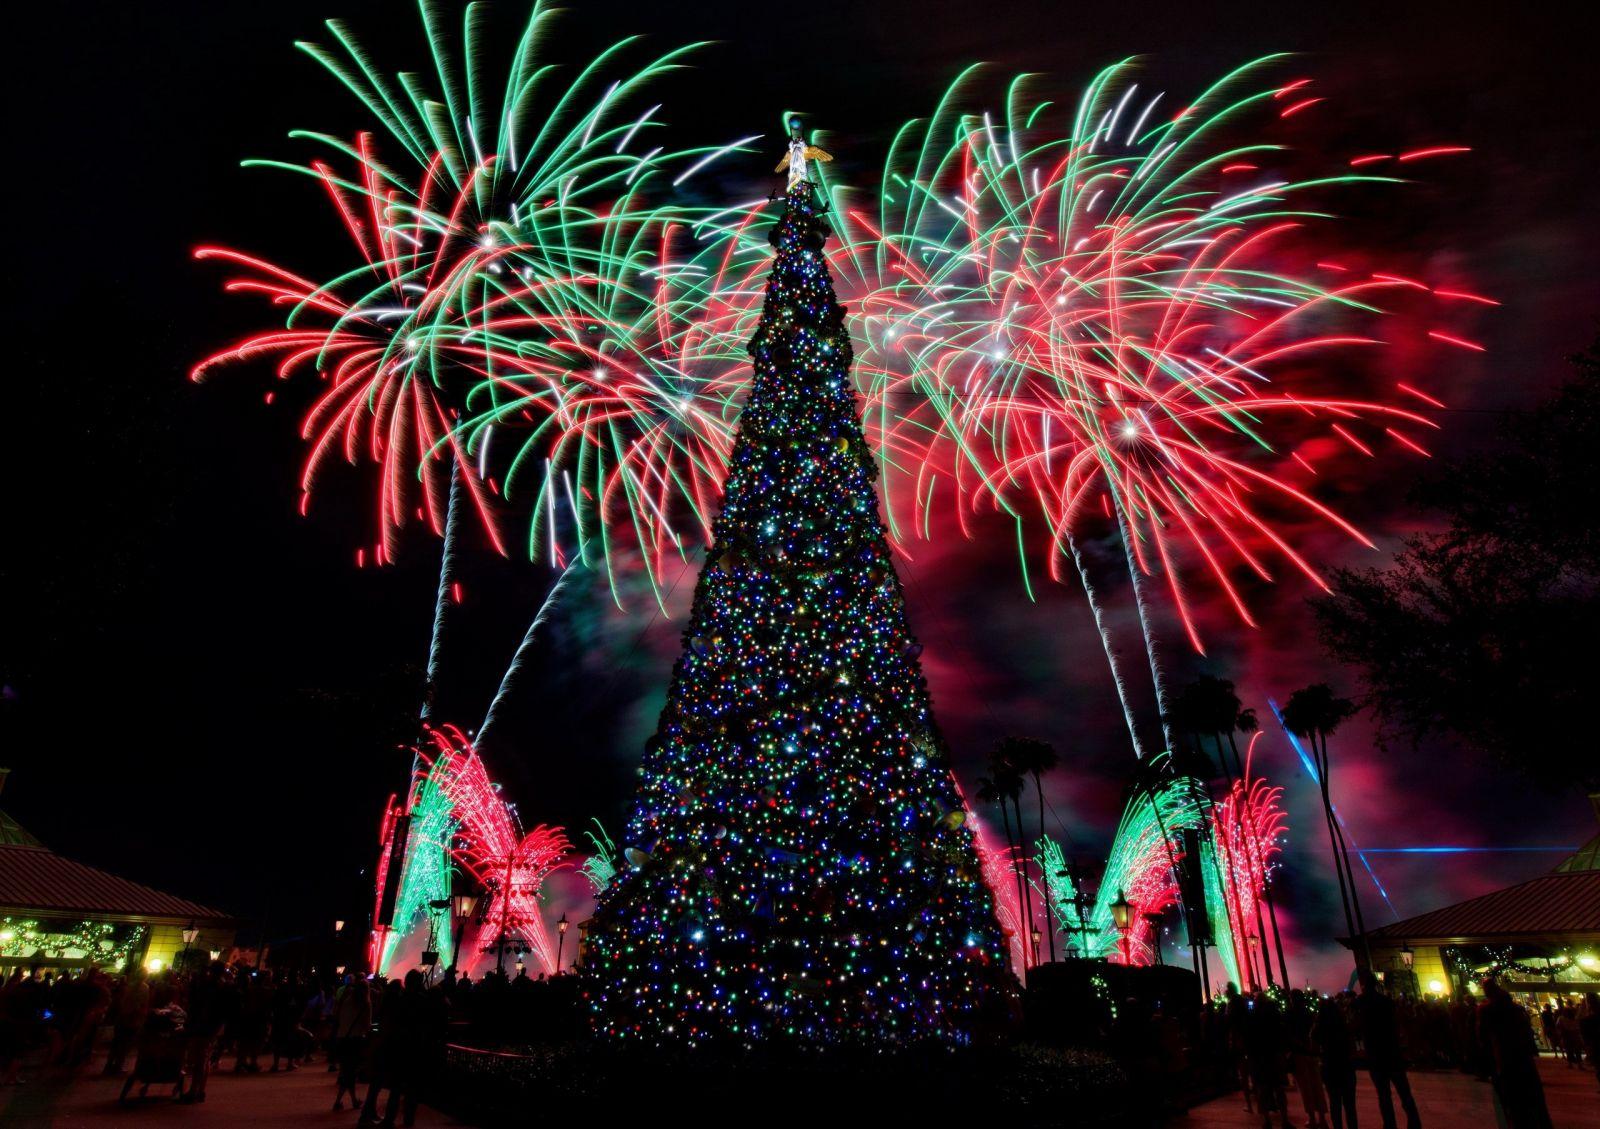 Пережить рождественские каникулы: как спастись от похмелья, обжорства и ожогов